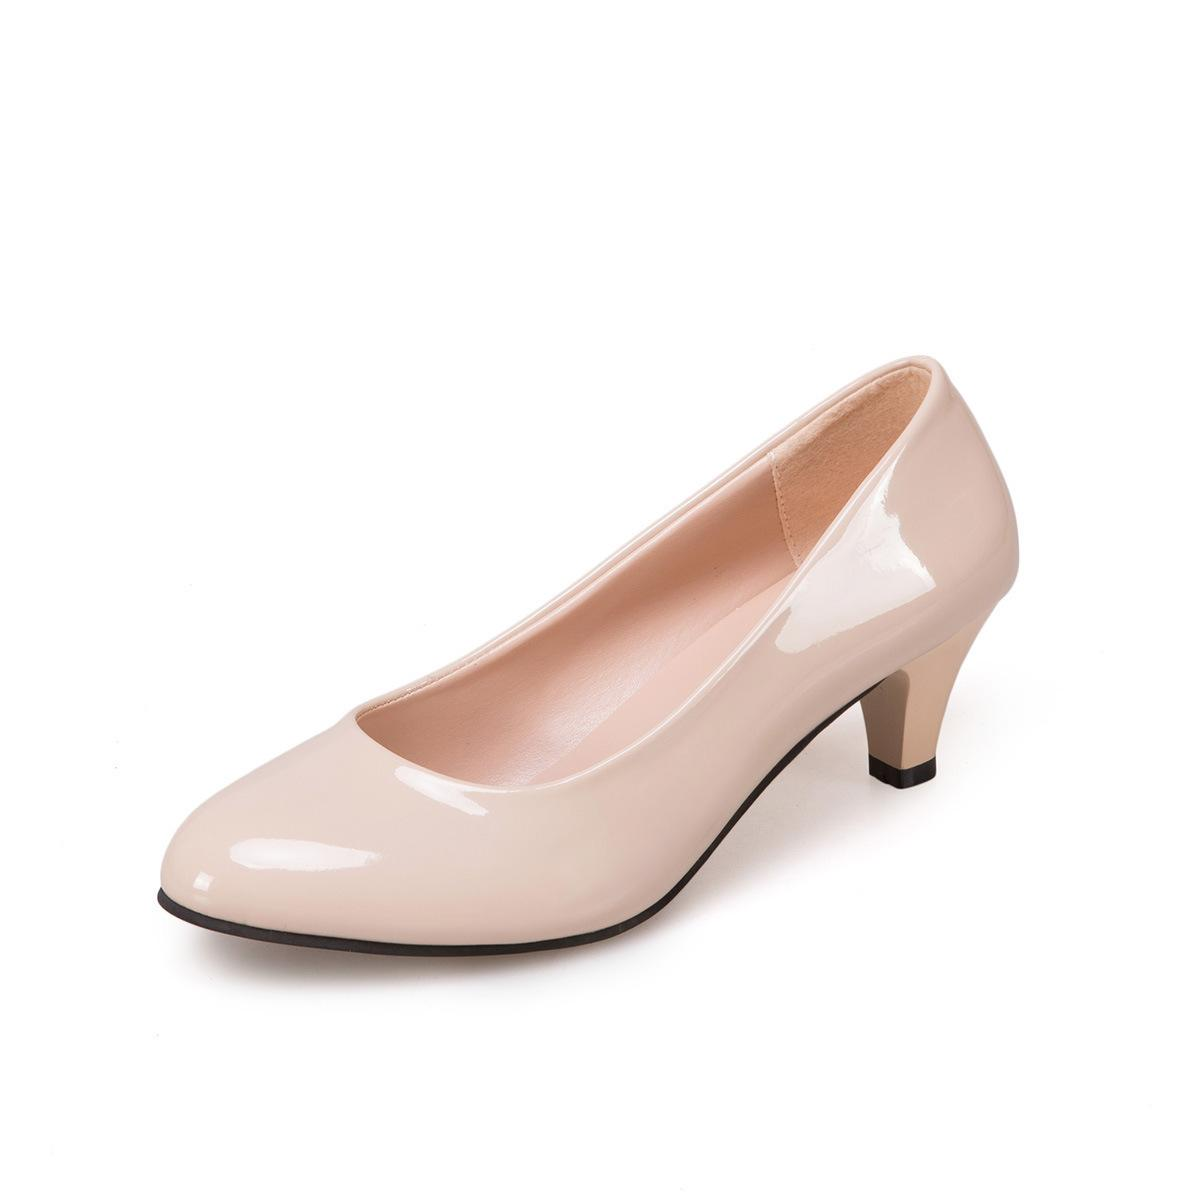 27d1b541f5b Compre Zapatos De Vestir De Diseñador 2019 Para Mujer Tacones Altos Bombas Para  Damas Slip On Elegante Sexy Clásicos Fiesta Vestido De Novia Moda Más  Tamaño ...